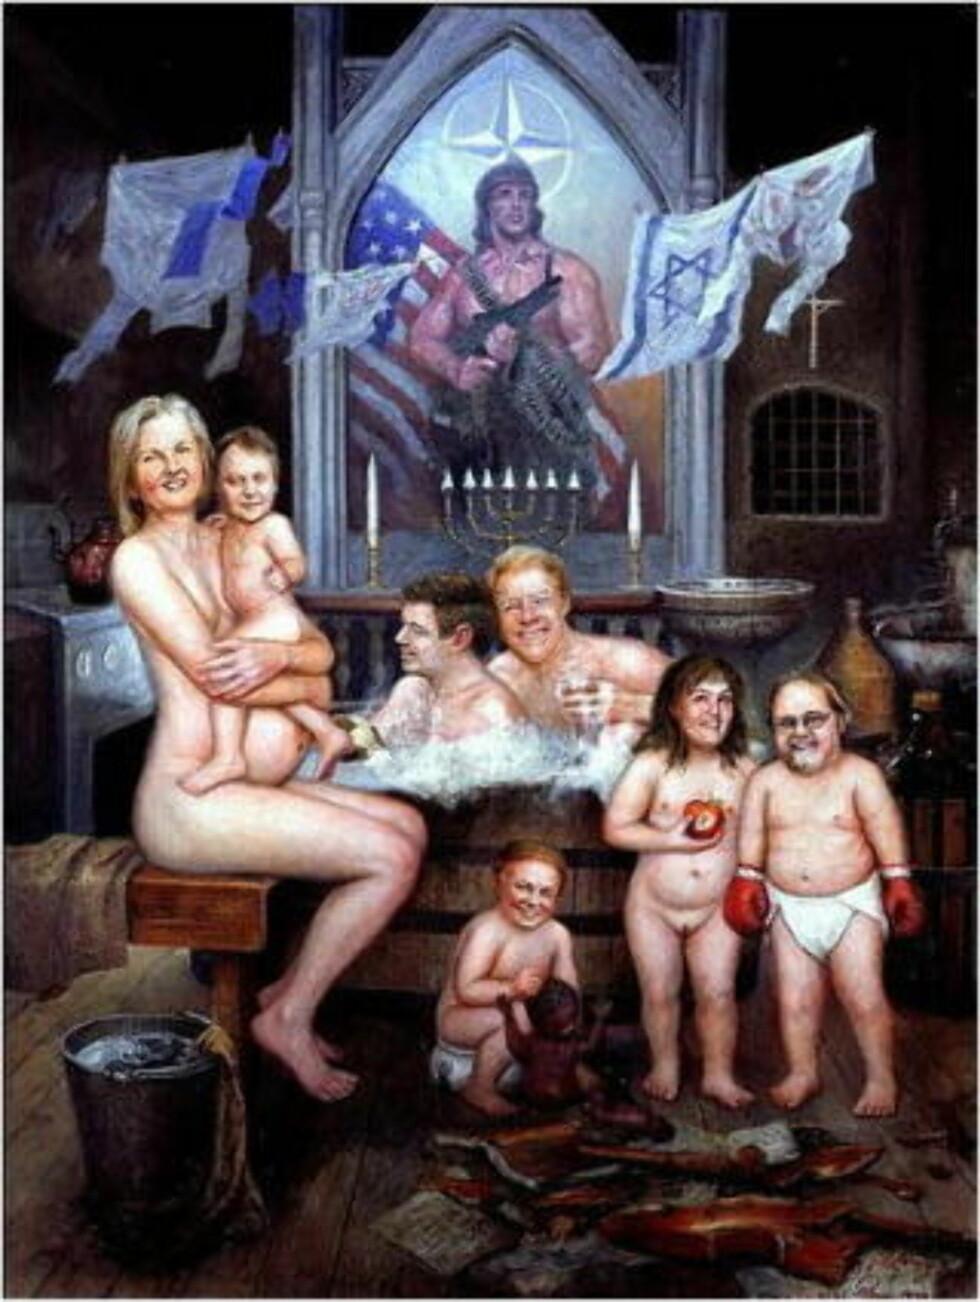 I 1999: Groven malte Valgerd Svarstad Haugland gravid med Vidar Kleppe på fanget og Carl I. Hagen og Kjell Magne Bondevik i badekaret.